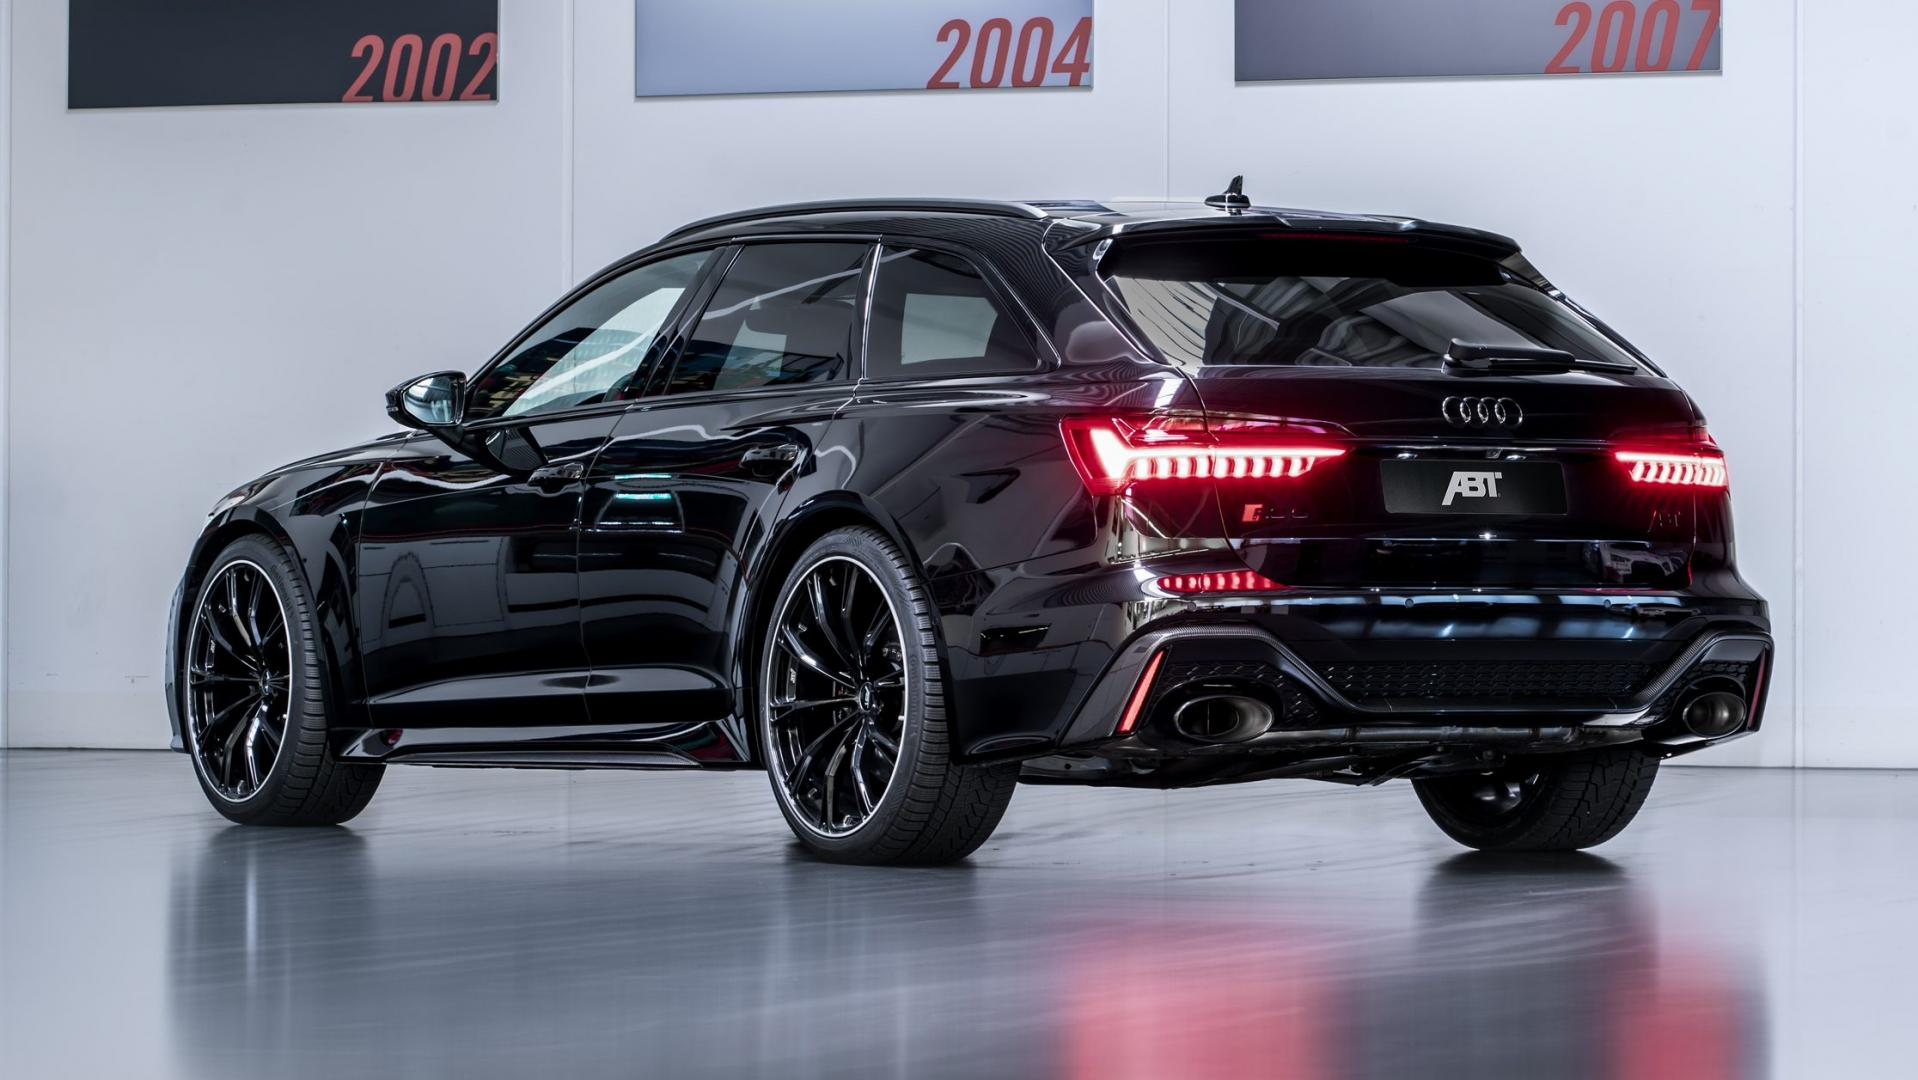 Abt Audi RS 6 C8